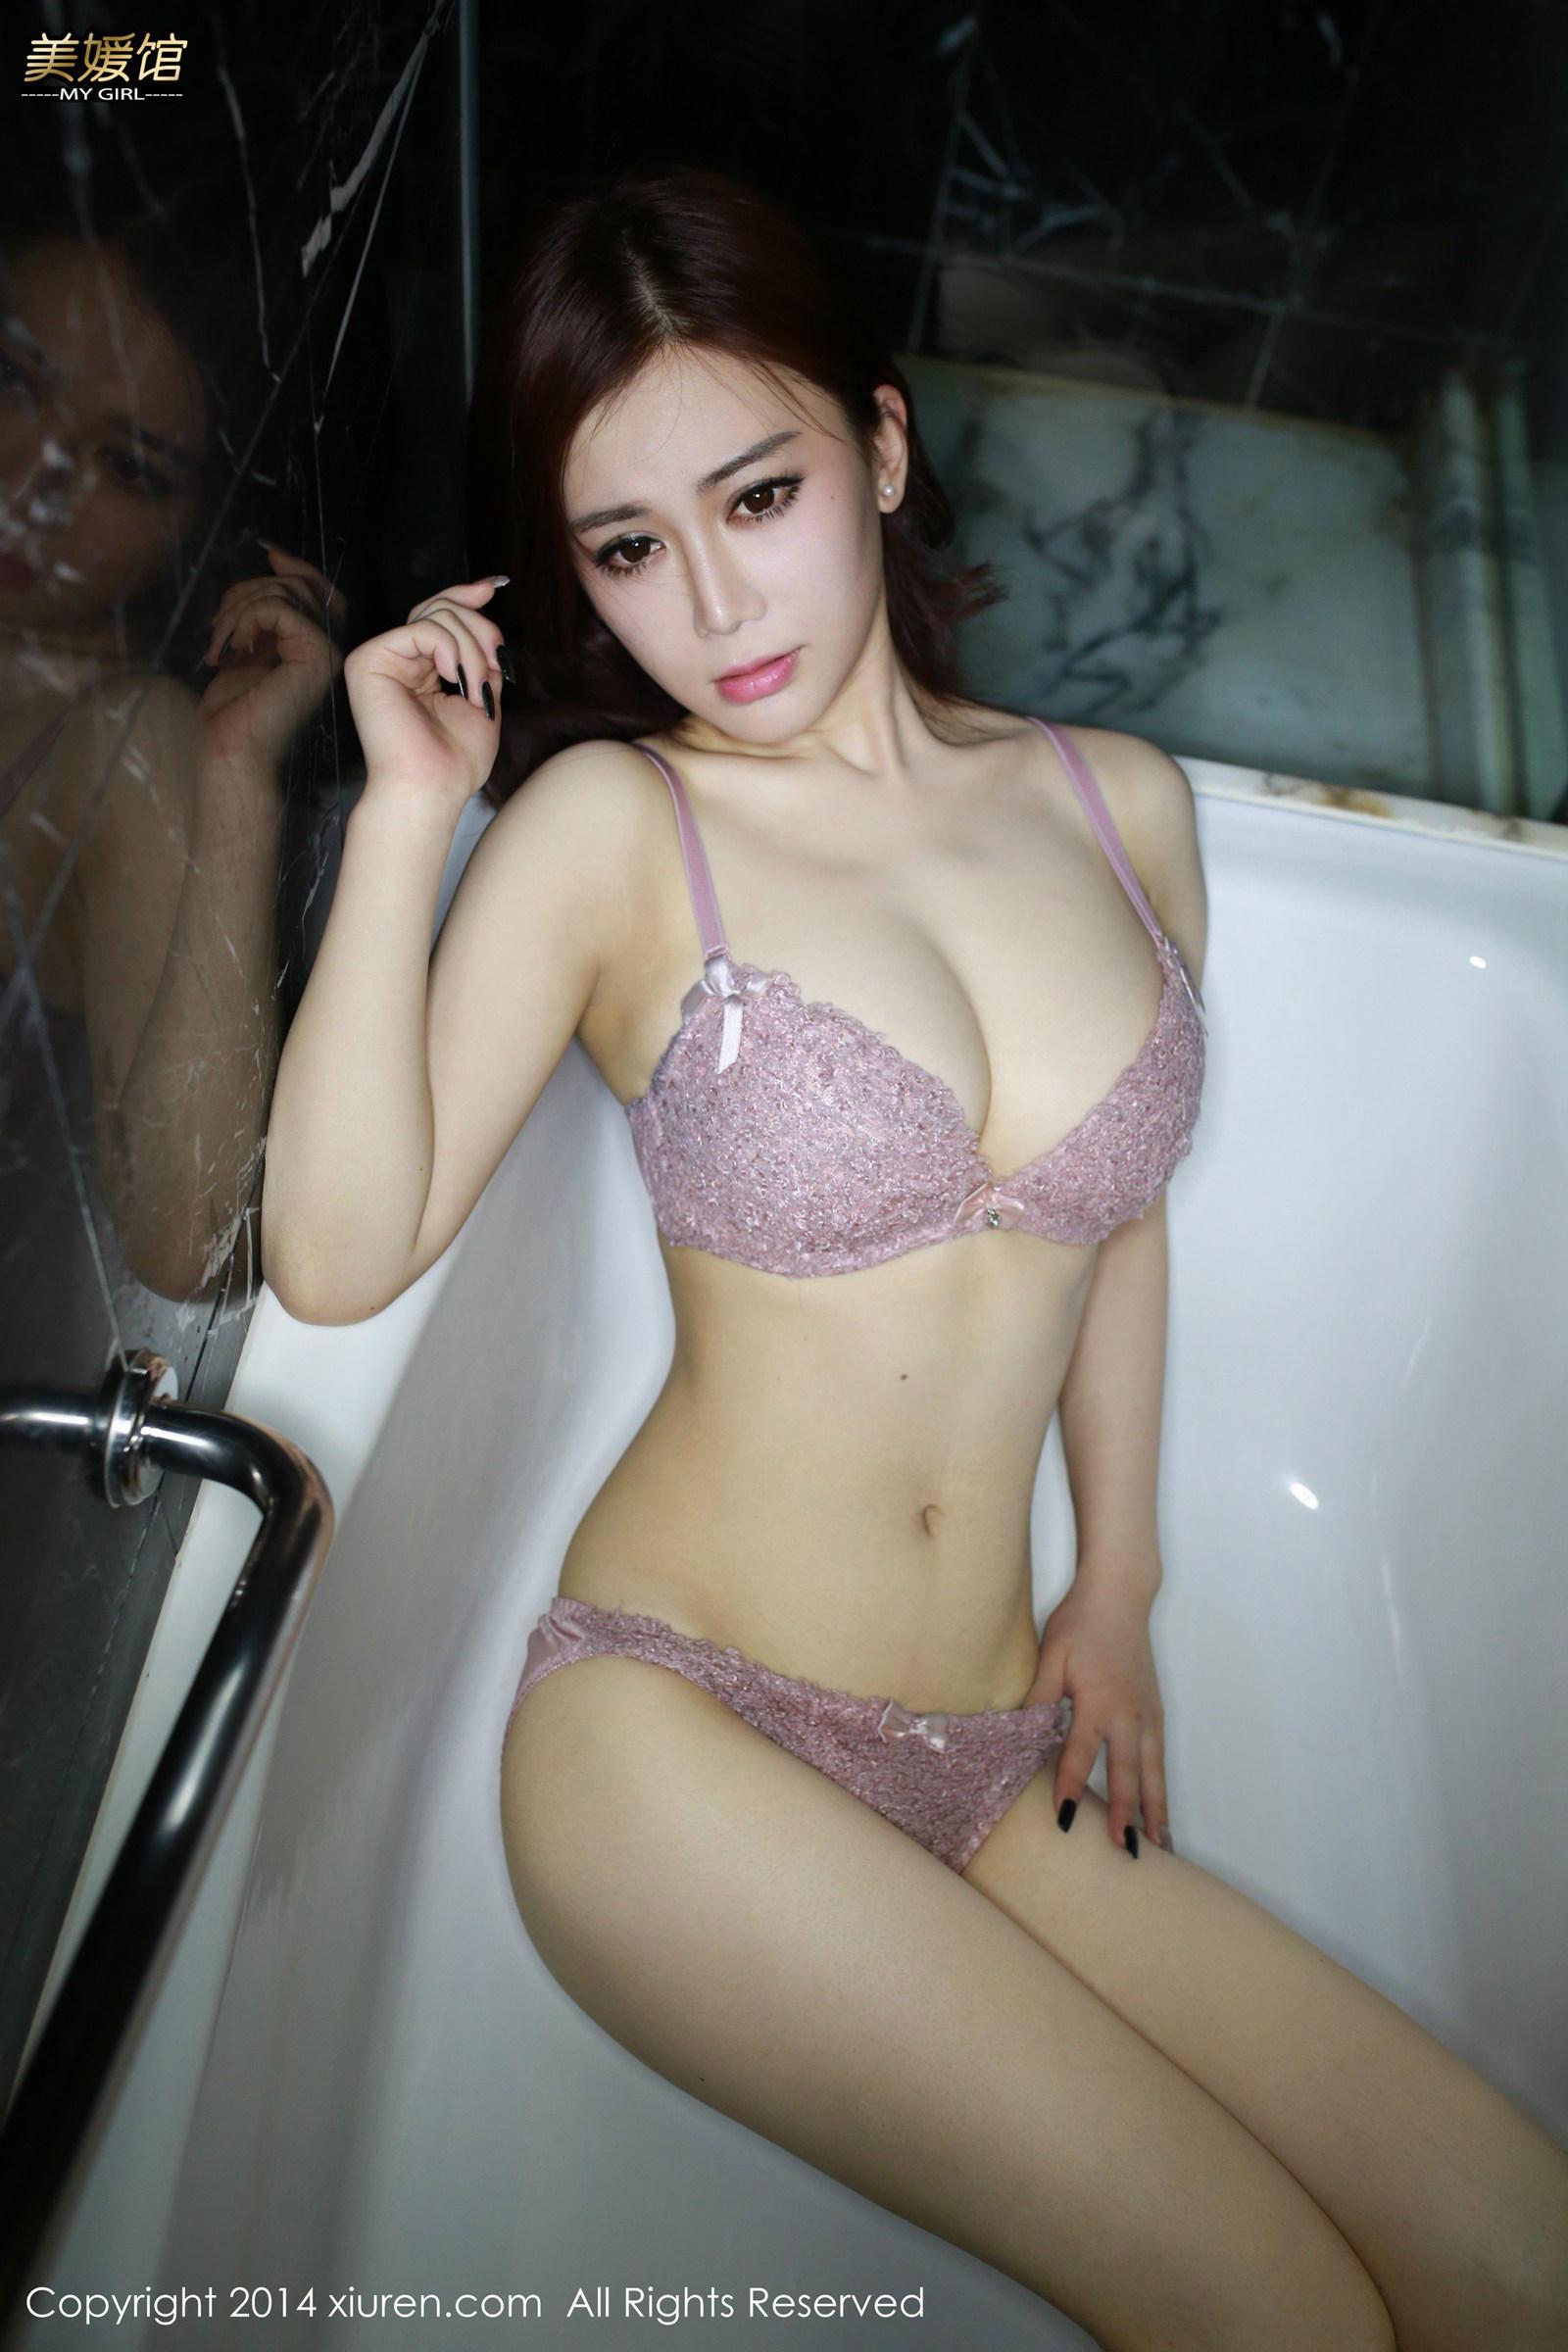 【秀人】美女写真 no108